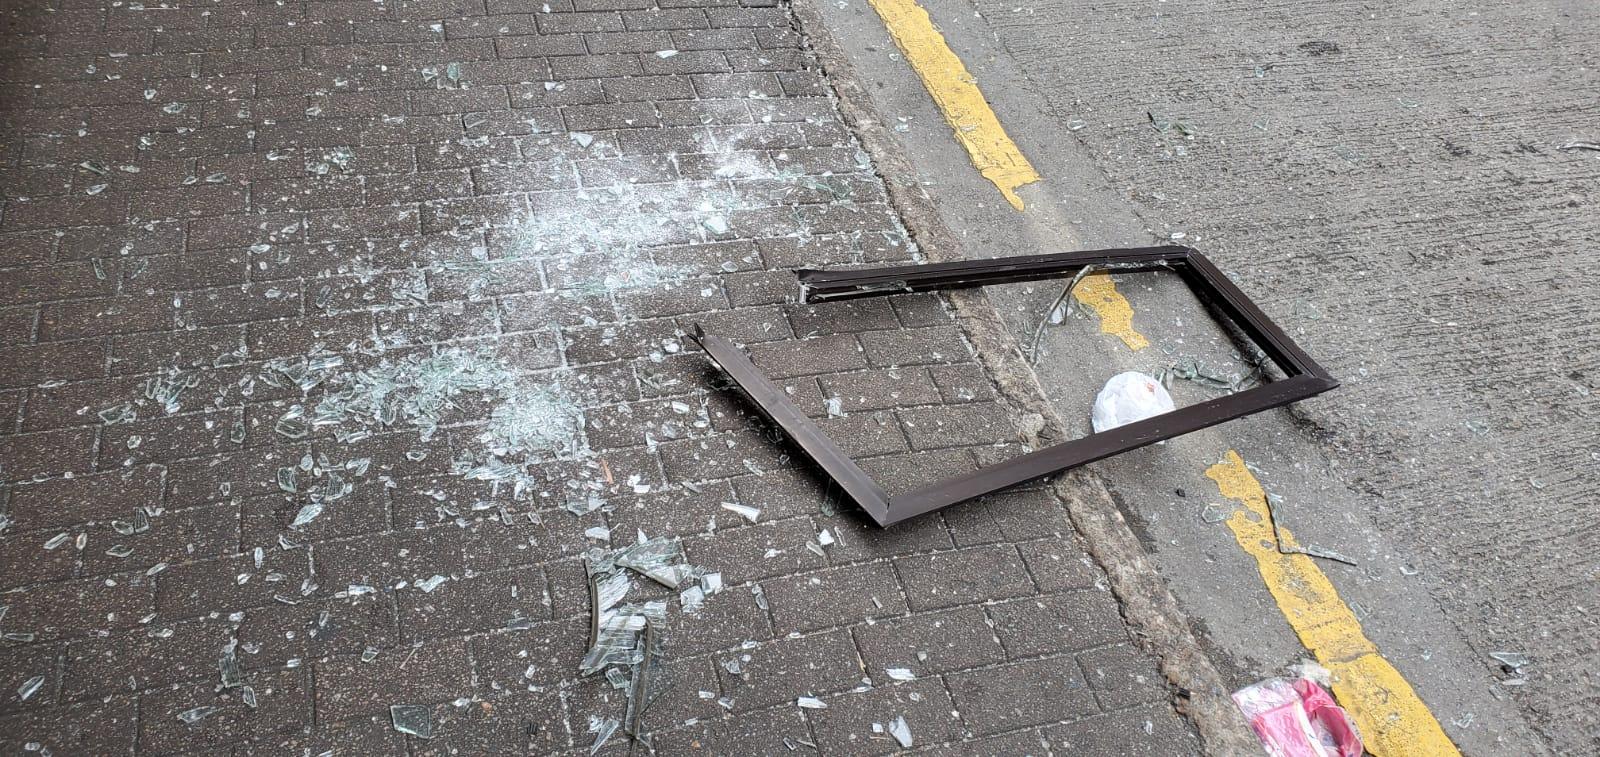 玻璃粉碎。